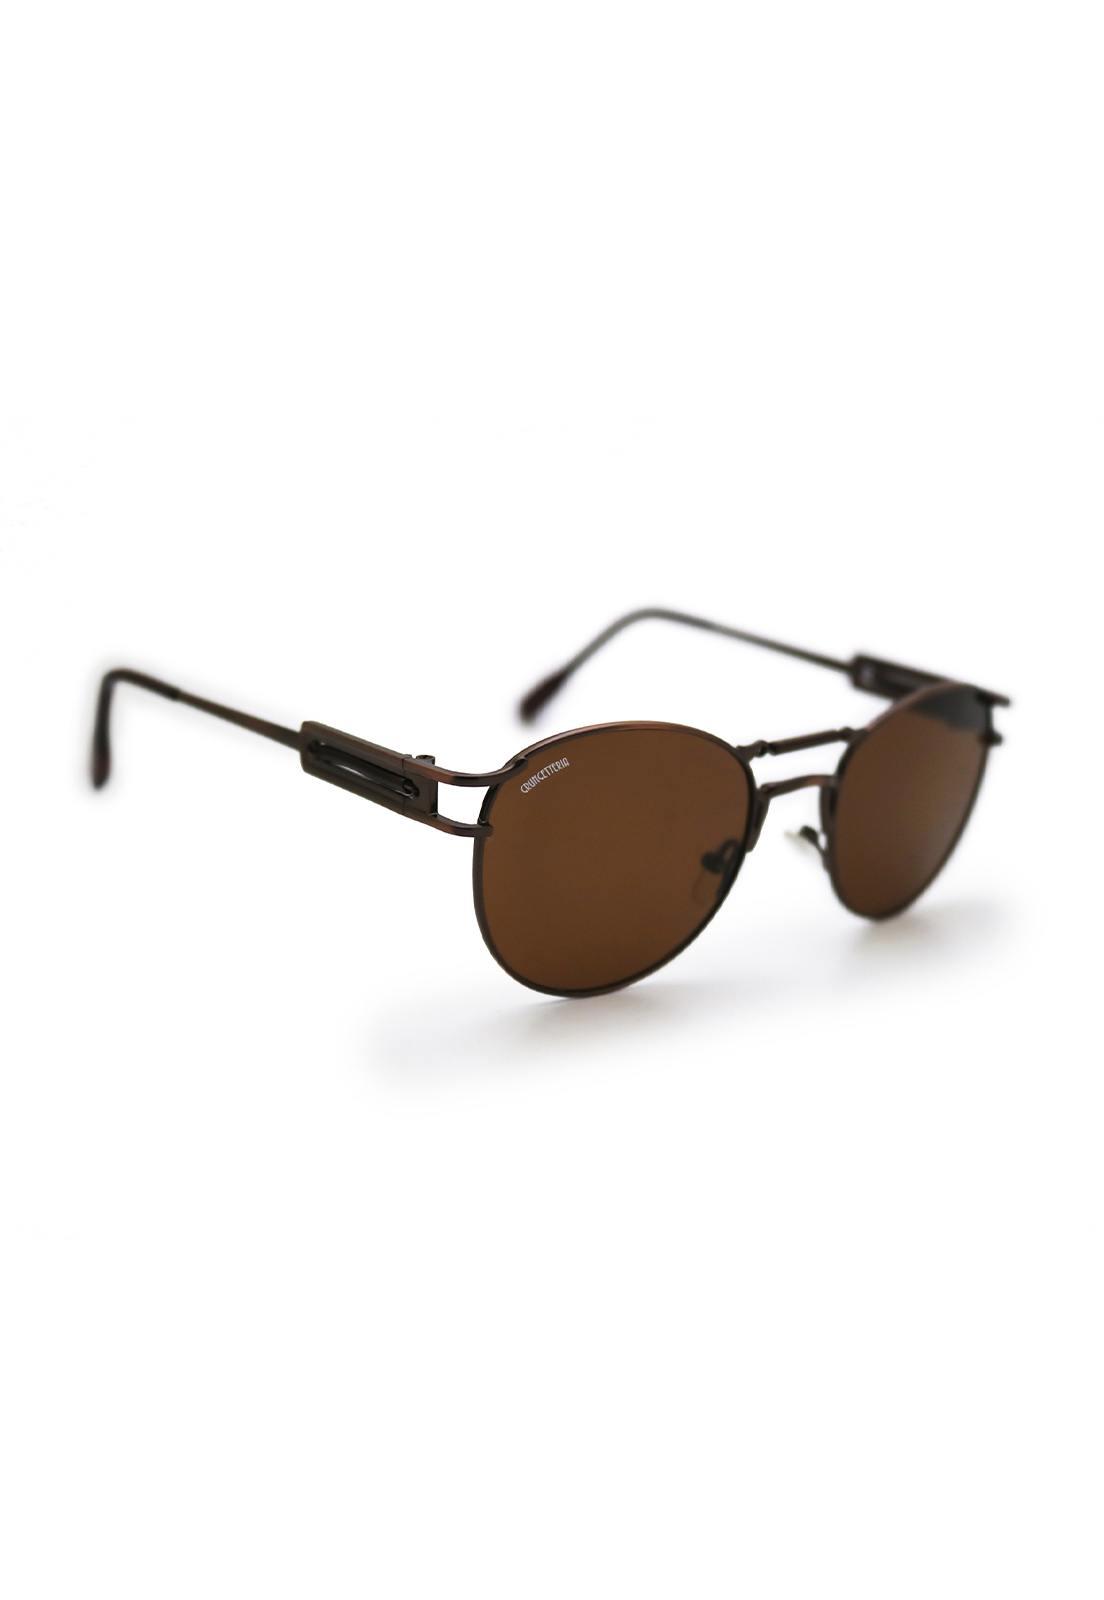 Óculos de Sol Grungetteria Verne II Cobre